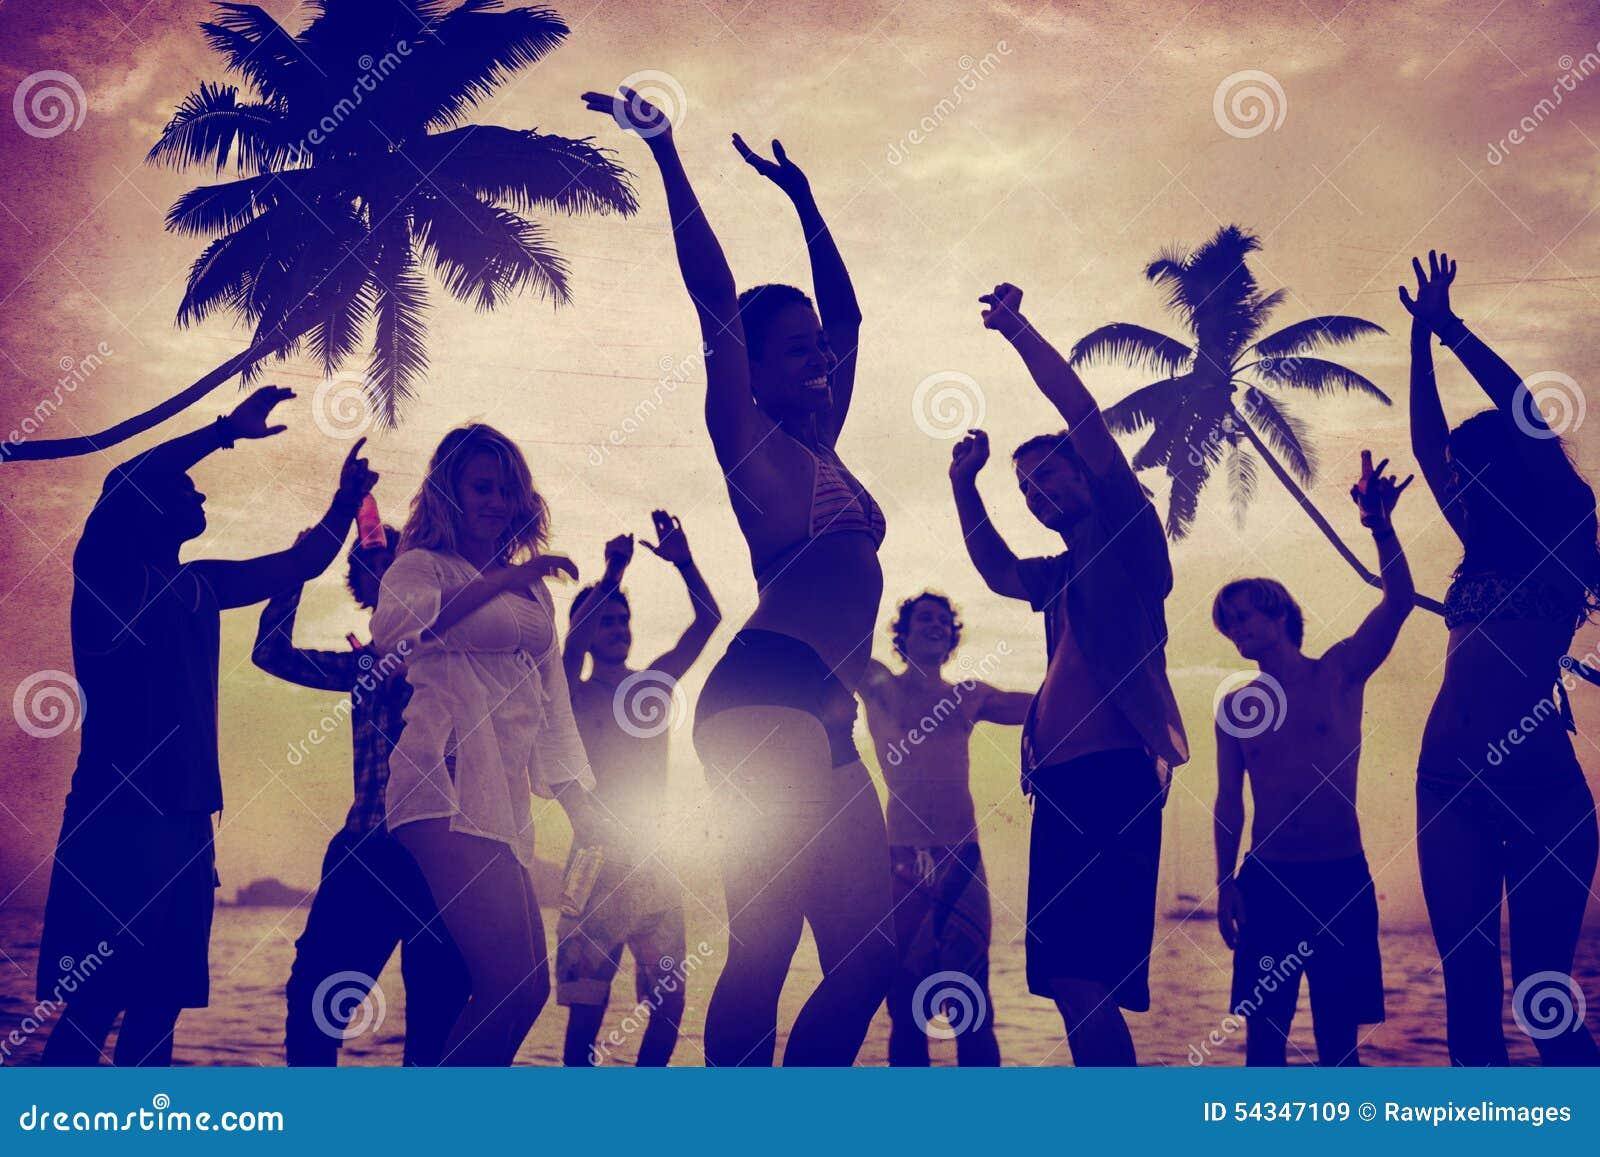 人庆祝海滩党暑假假期概念